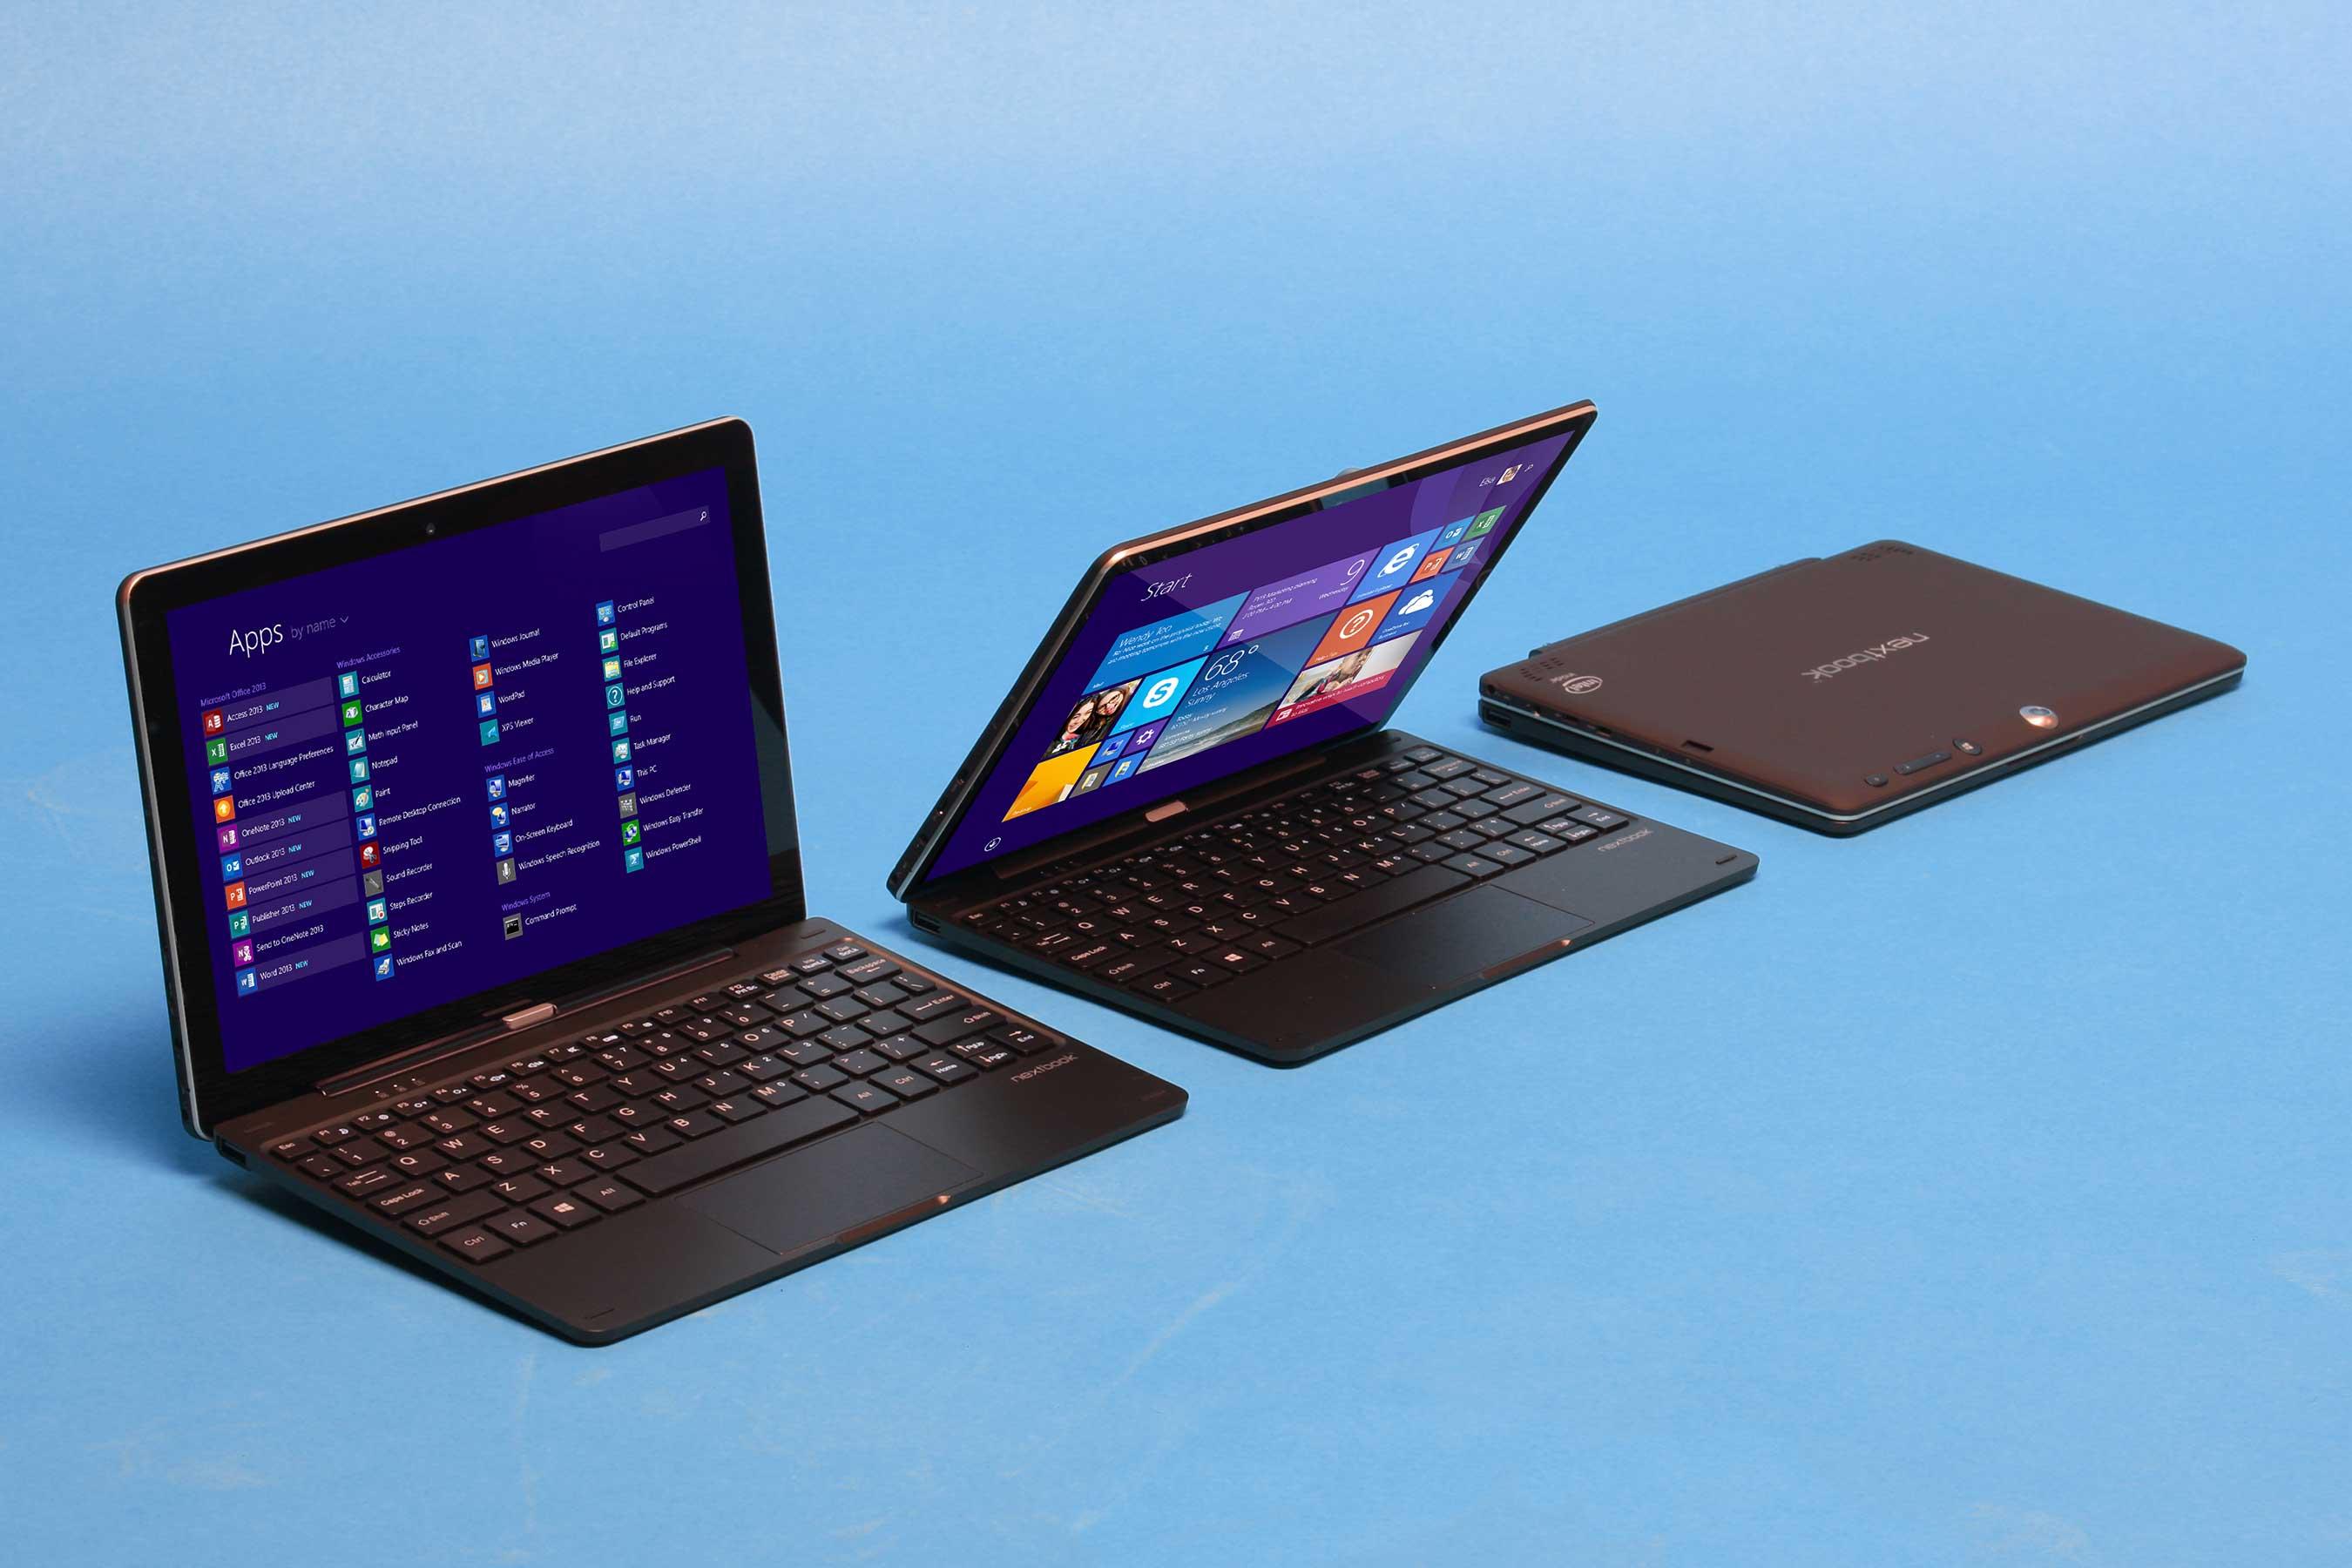 Windows nextbook flex 10 - Nextbook Flexx 10 Windows 2 In 1 Tablet